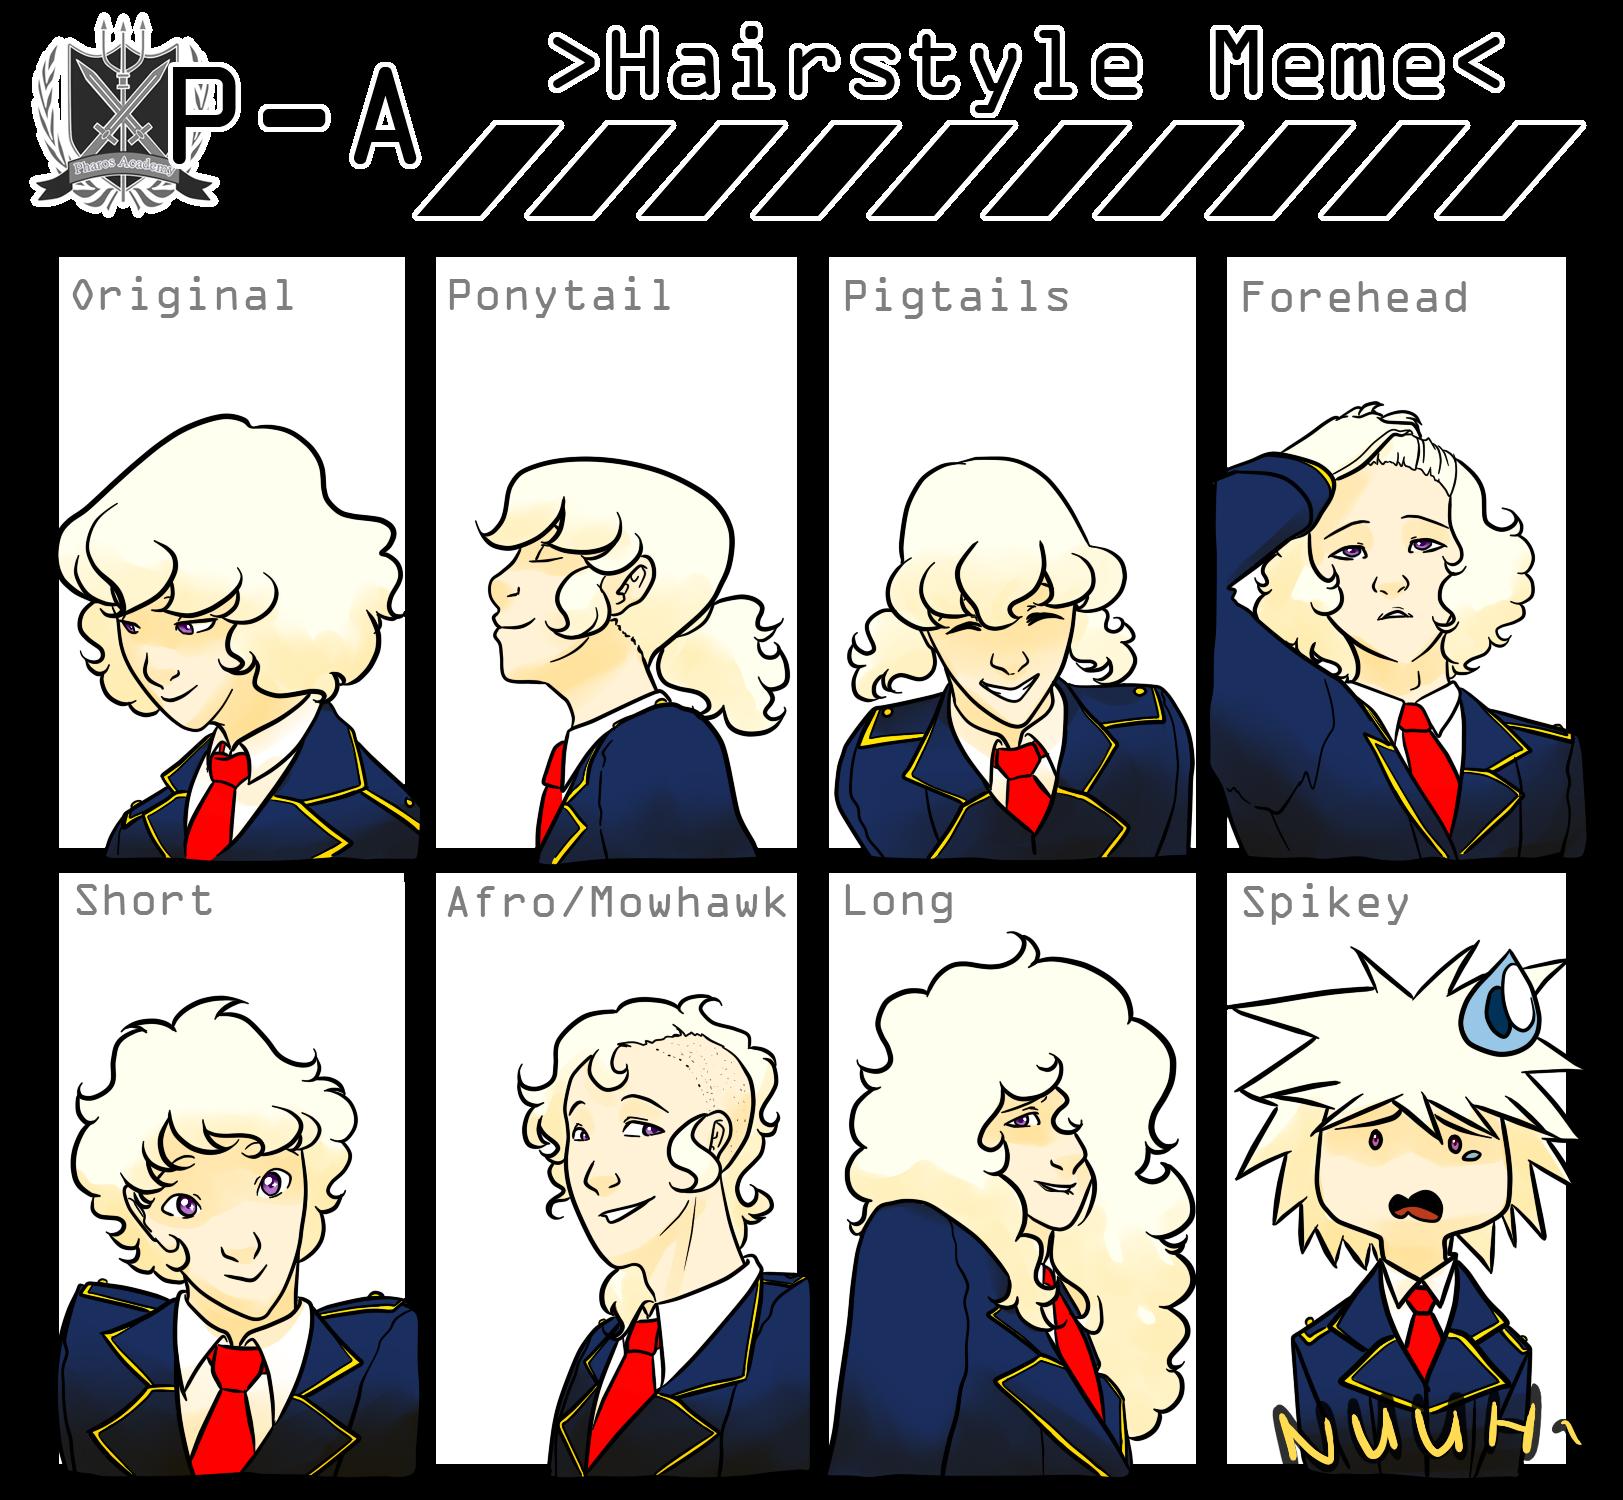 Theophrastus Hairstyle Meme Weasyl